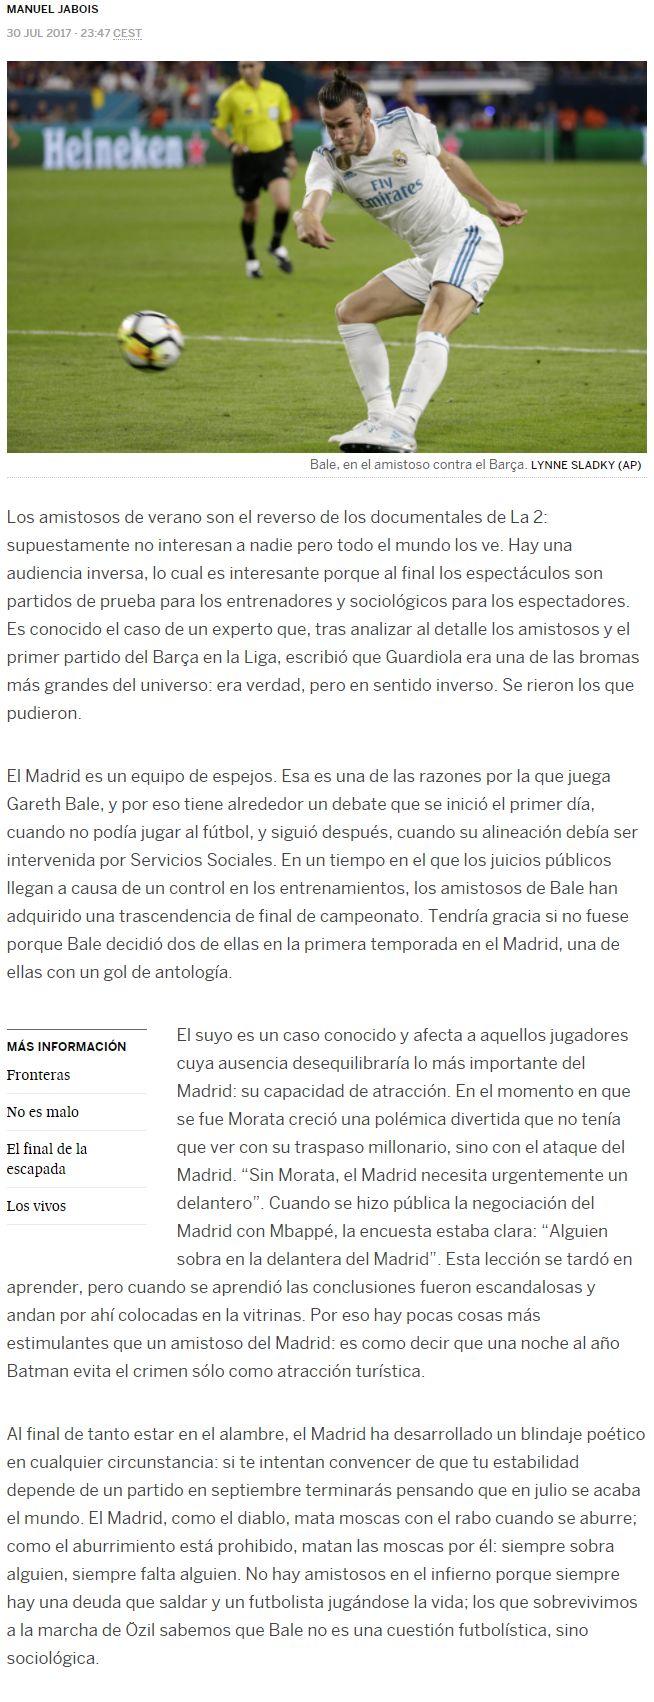 Madridistas por las redes (Todo lo que encontremos que nos parezca de interes) - Página 5 7618795176